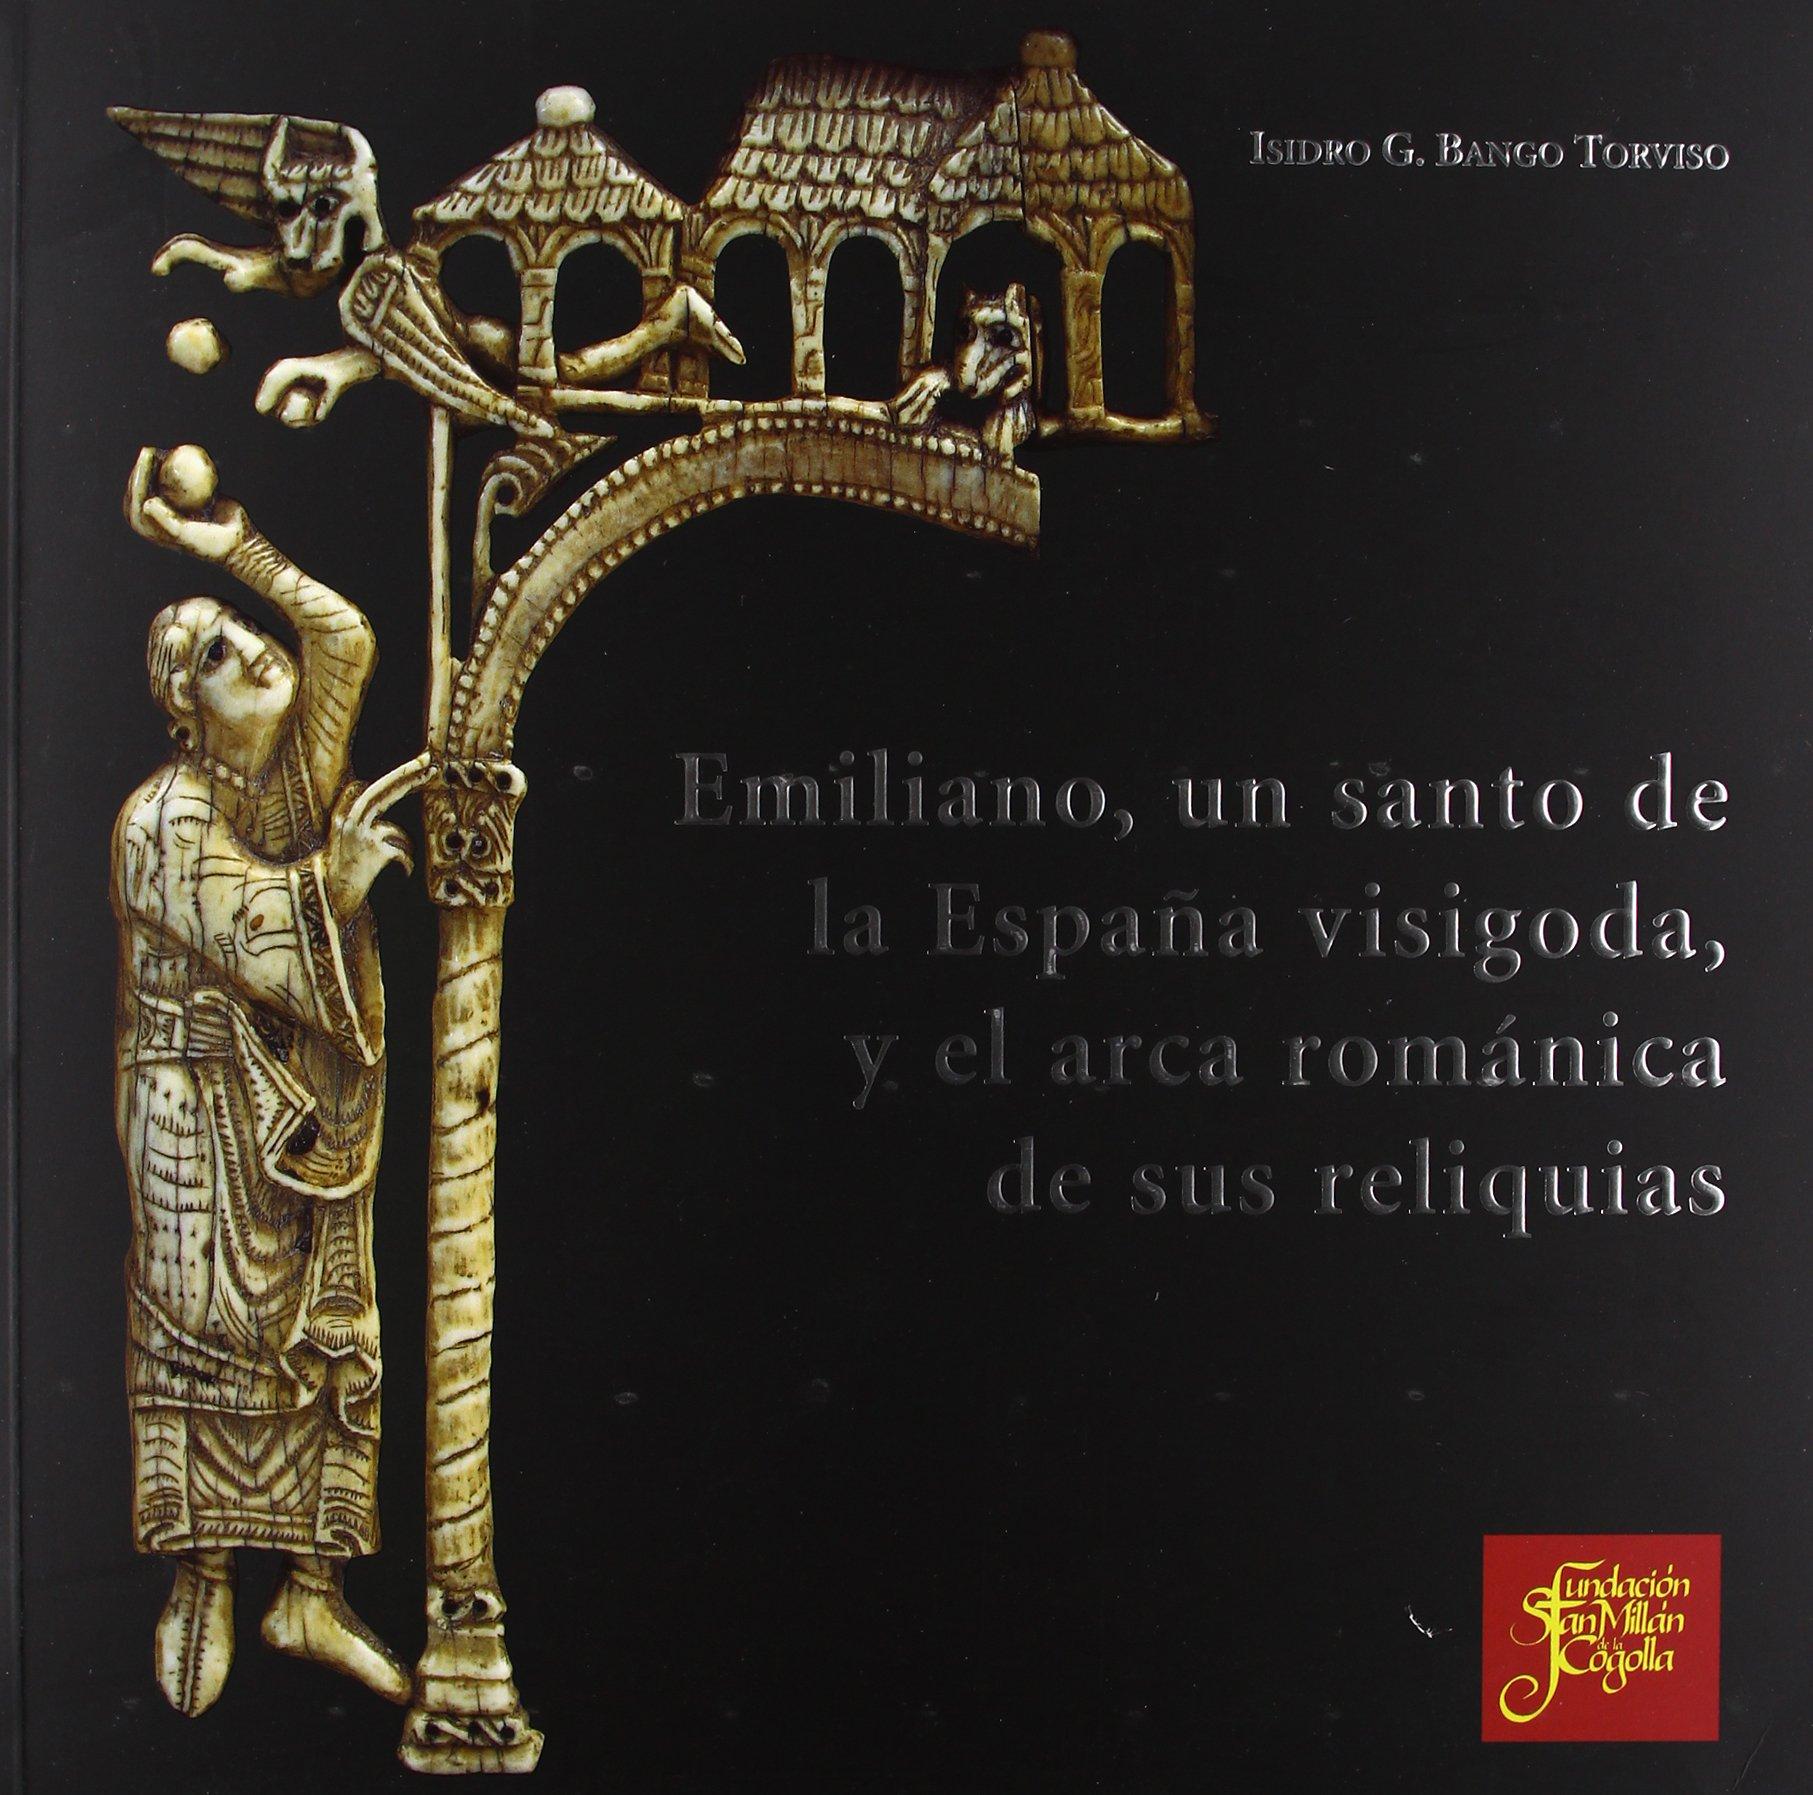 Emiliano, un santo de la España visigoda, y el arca románica de sus reliquias: Amazon.es: Vango Torviso, Isidro: Libros